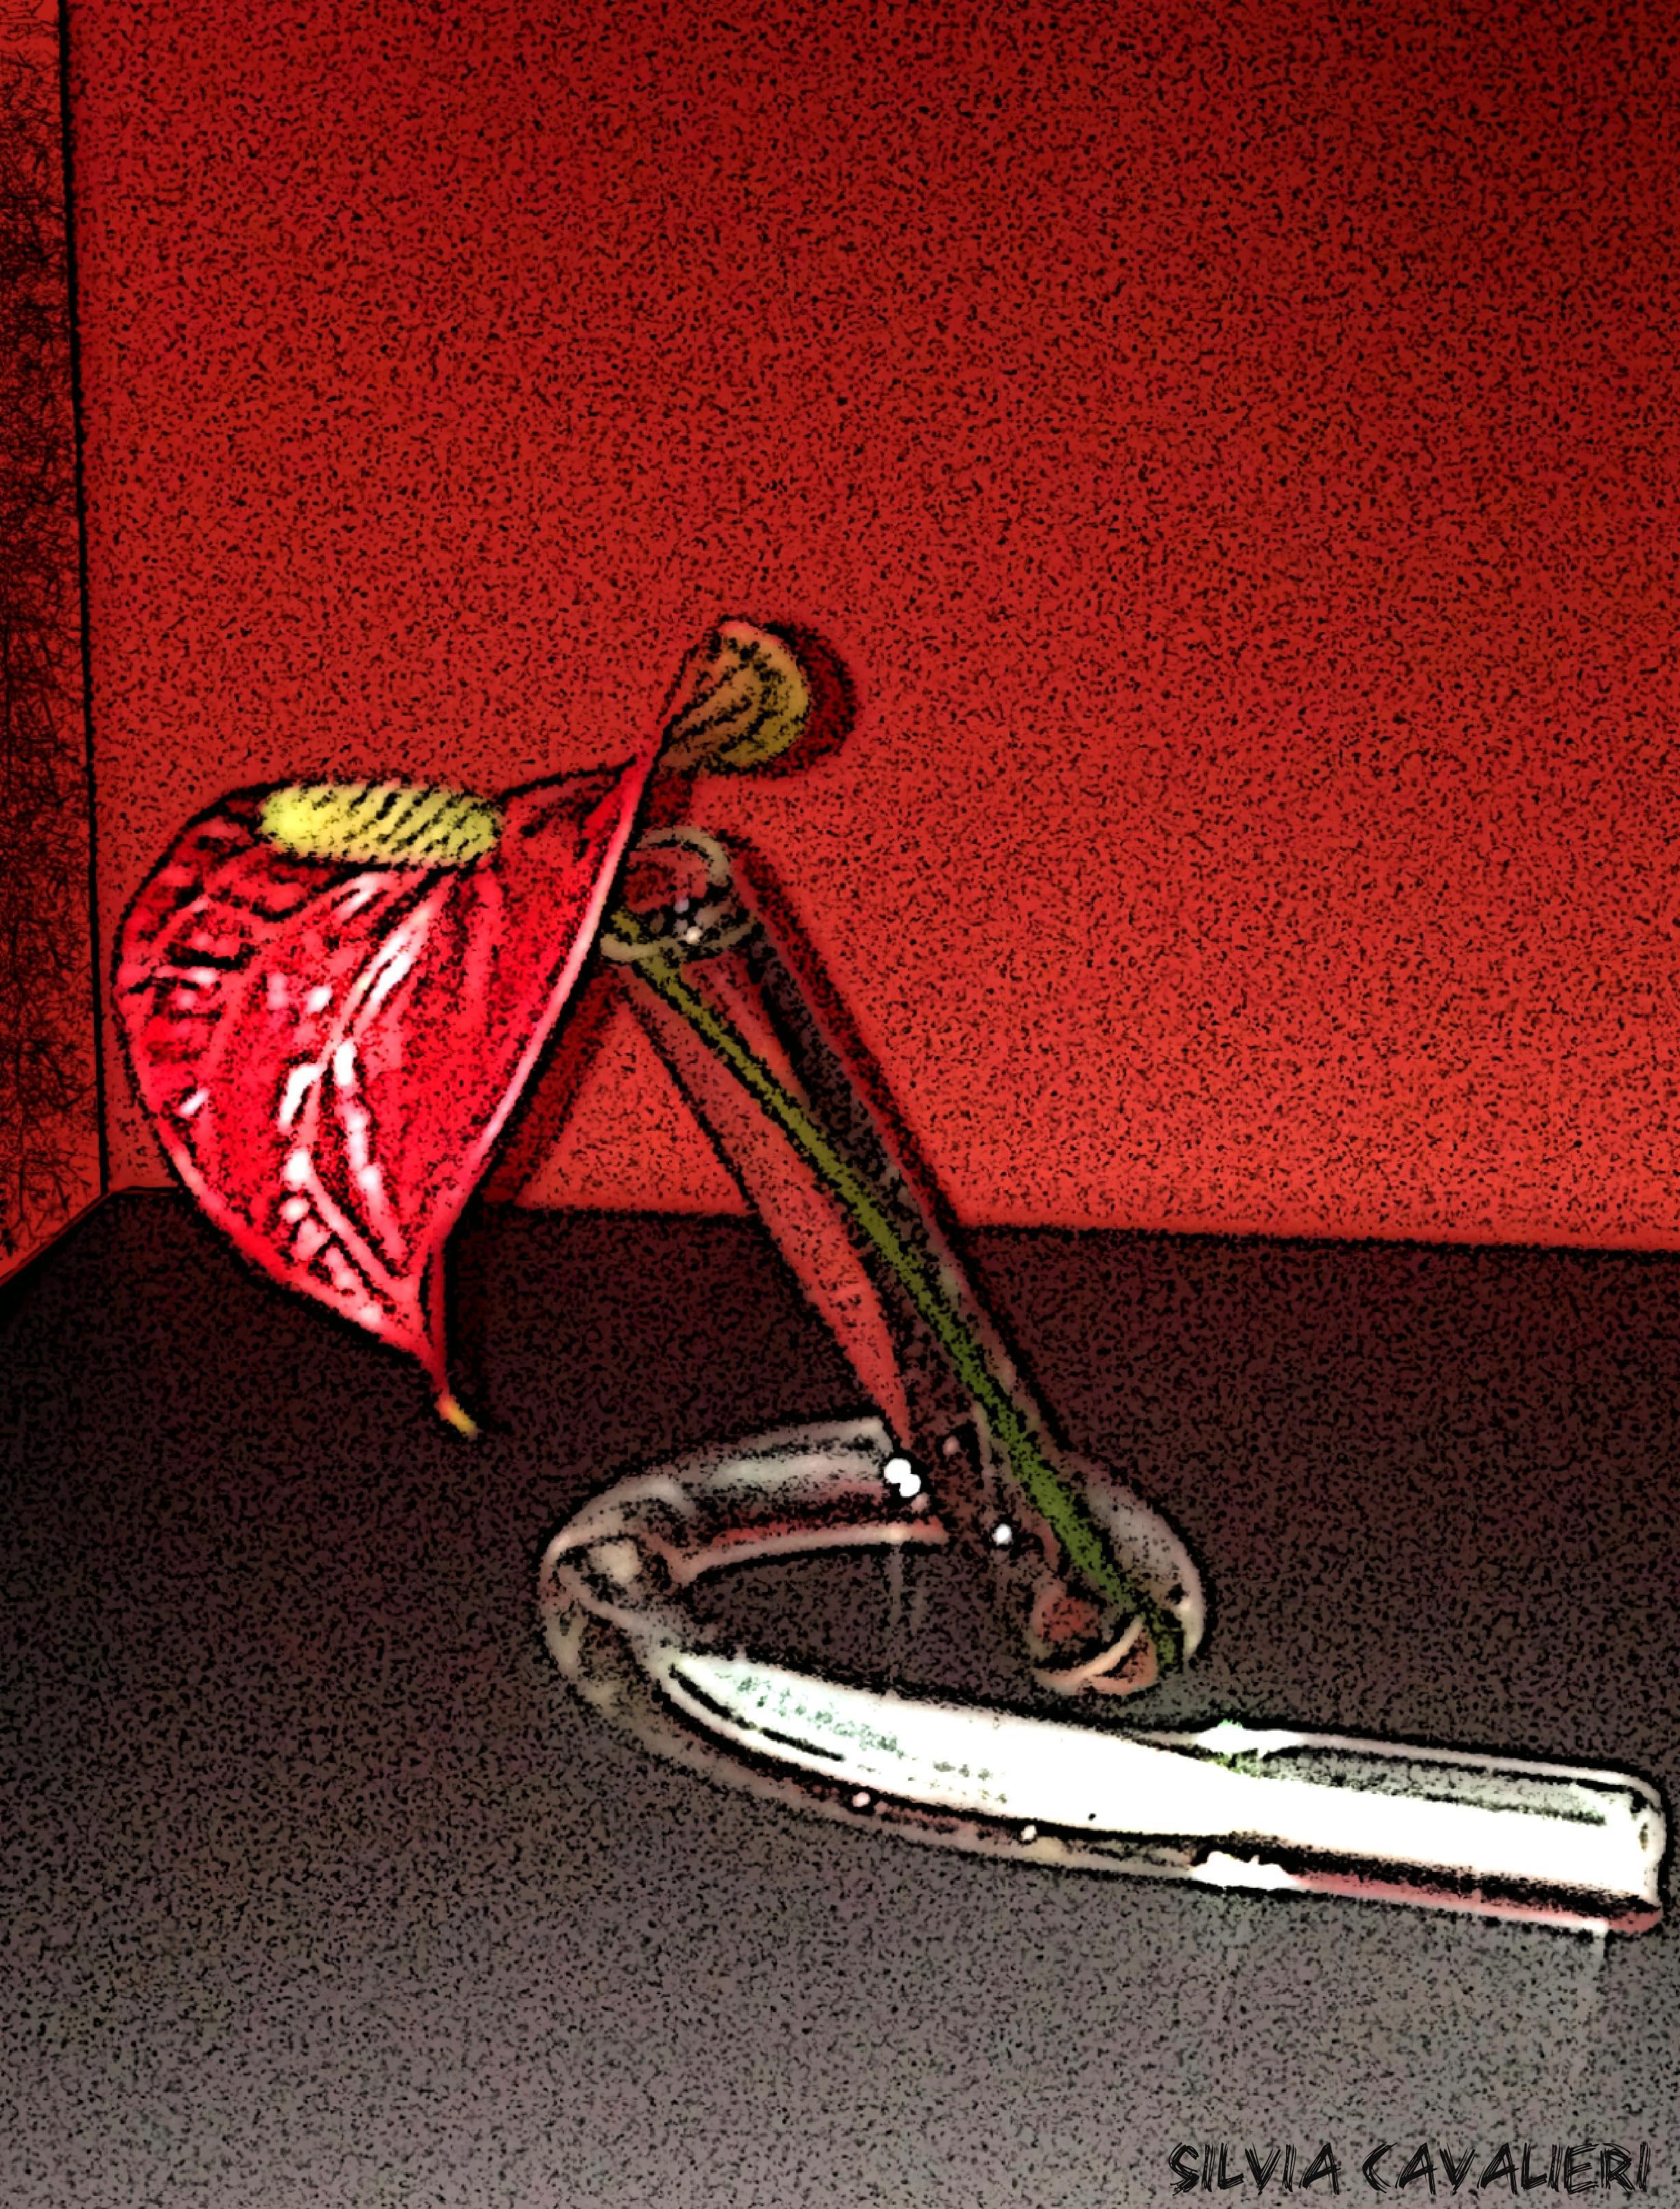 Anturium su fondo rosso